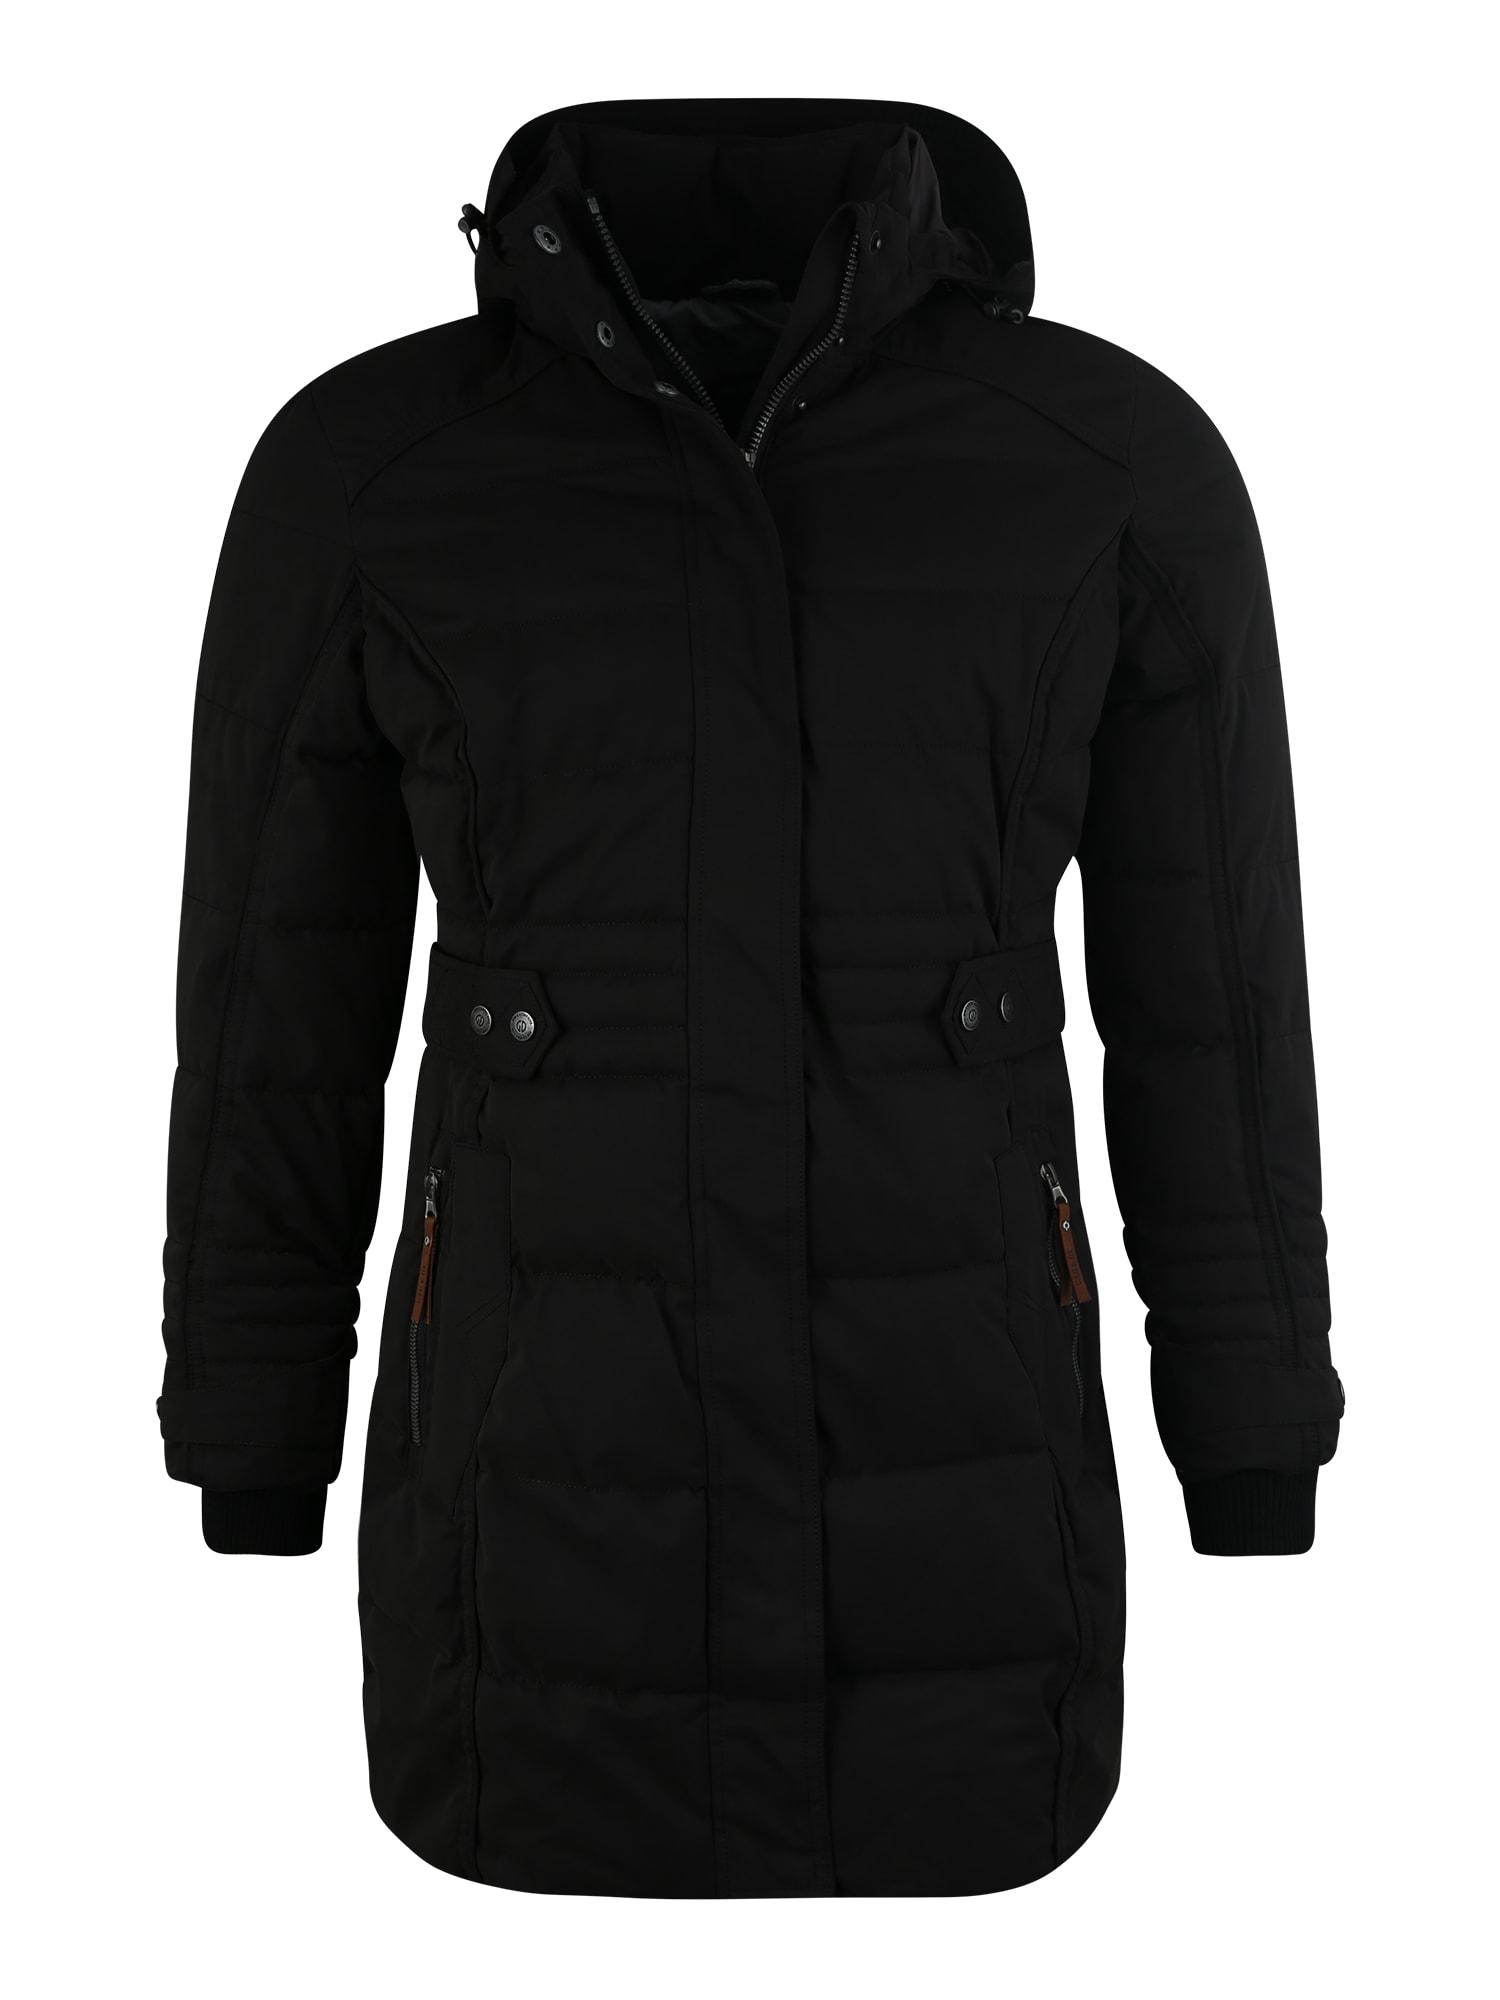 Outdoorový kabát Zelinda černá G.I.G.A. DX